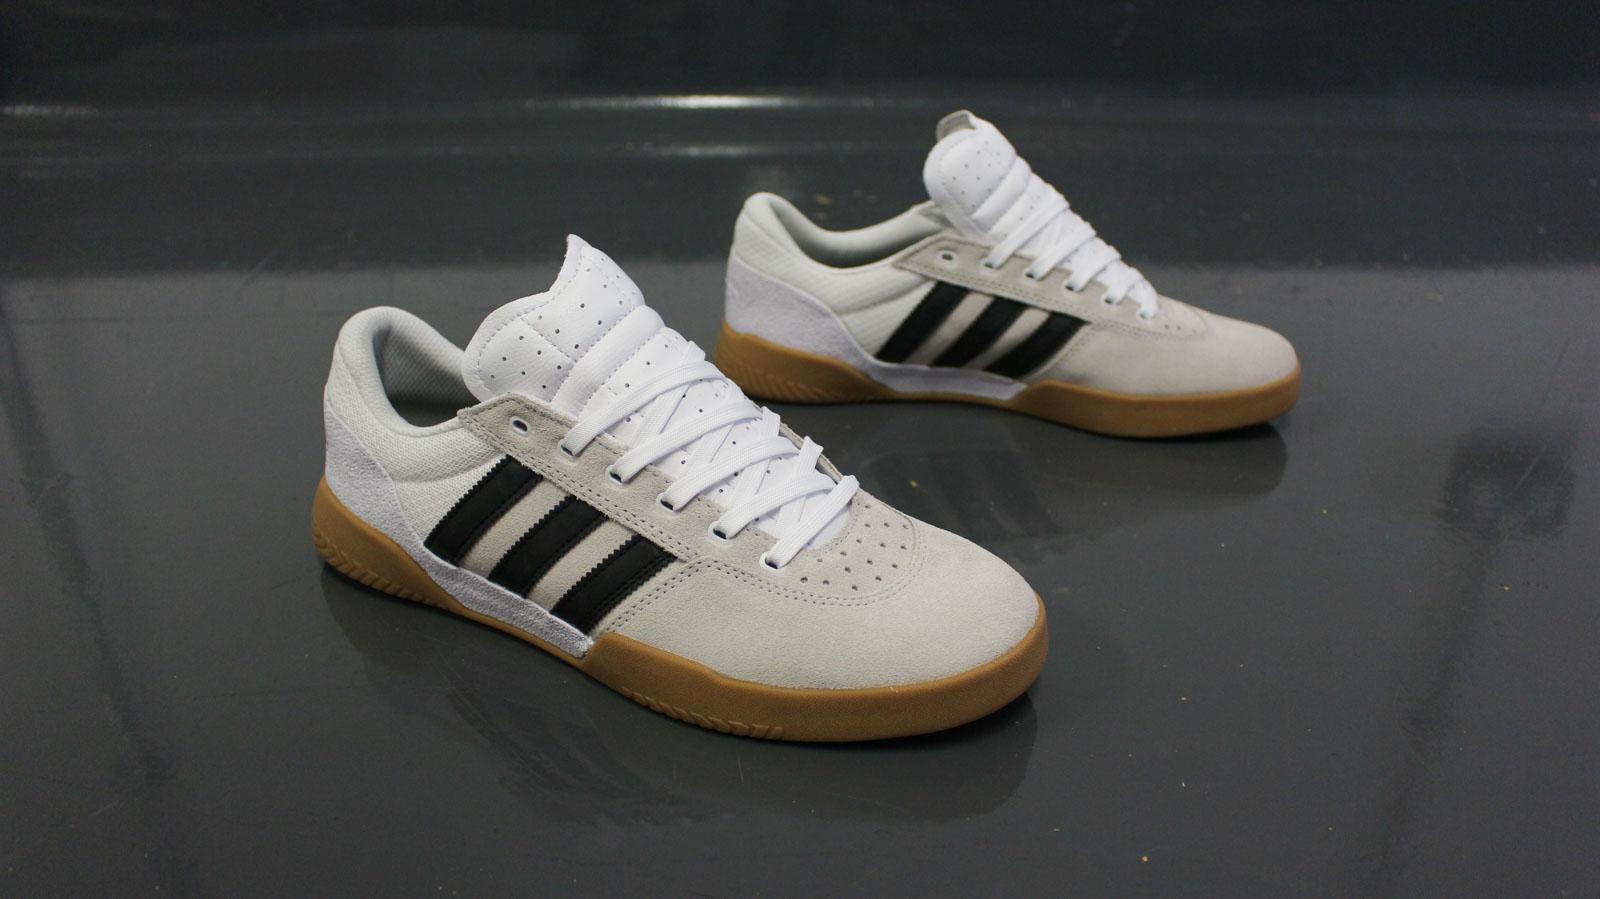 Adidas City Cup Shoes - White Core Black Gum